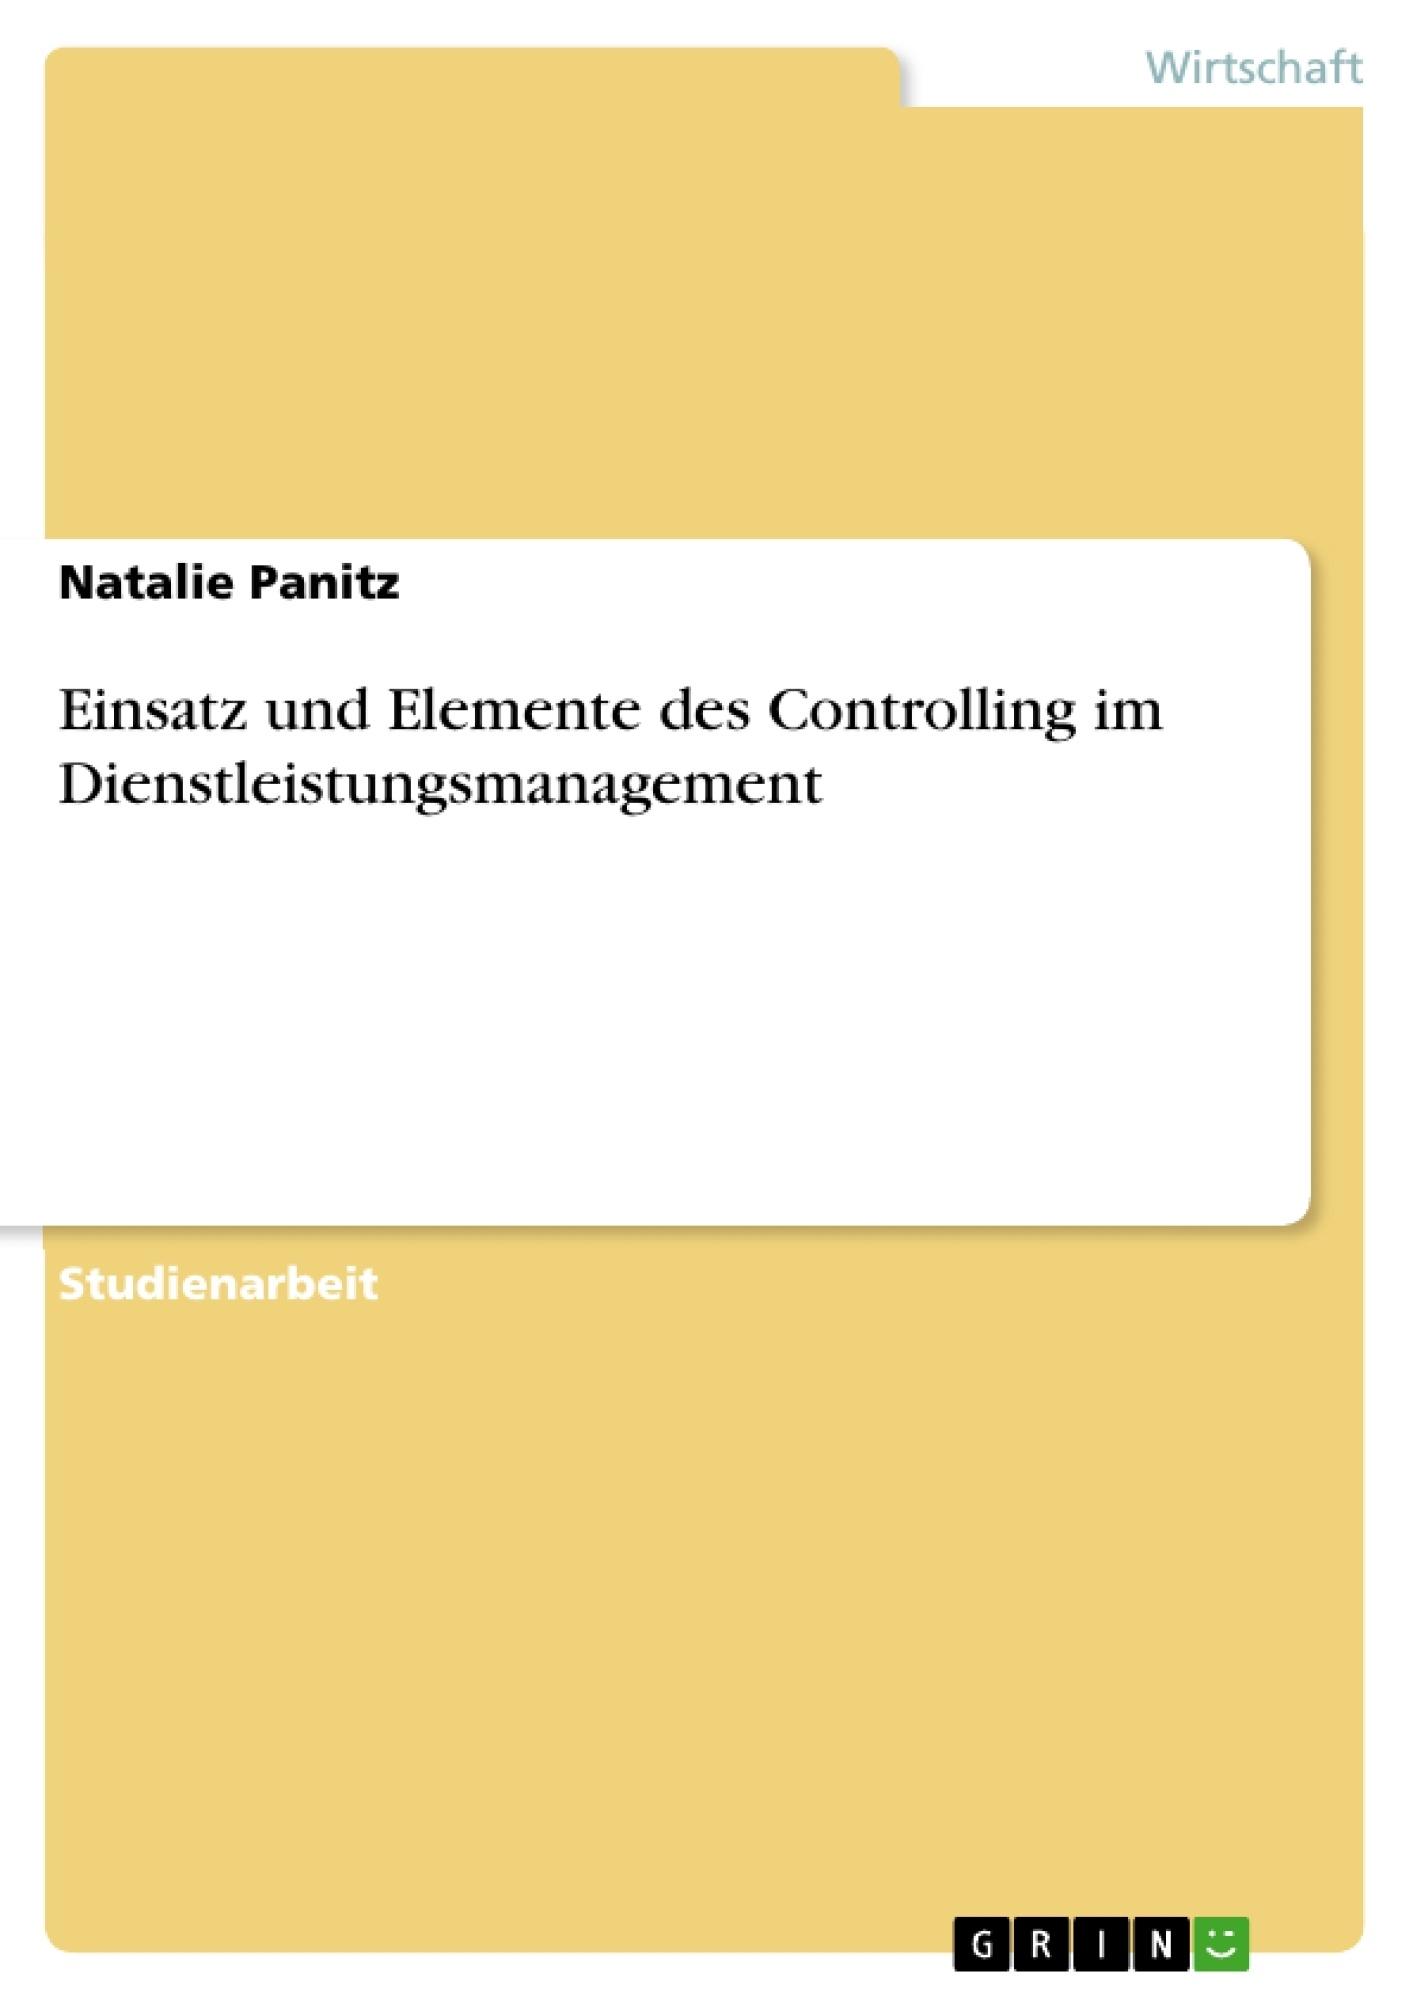 Titel: Einsatz und Elemente des Controlling im Dienstleistungsmanagement